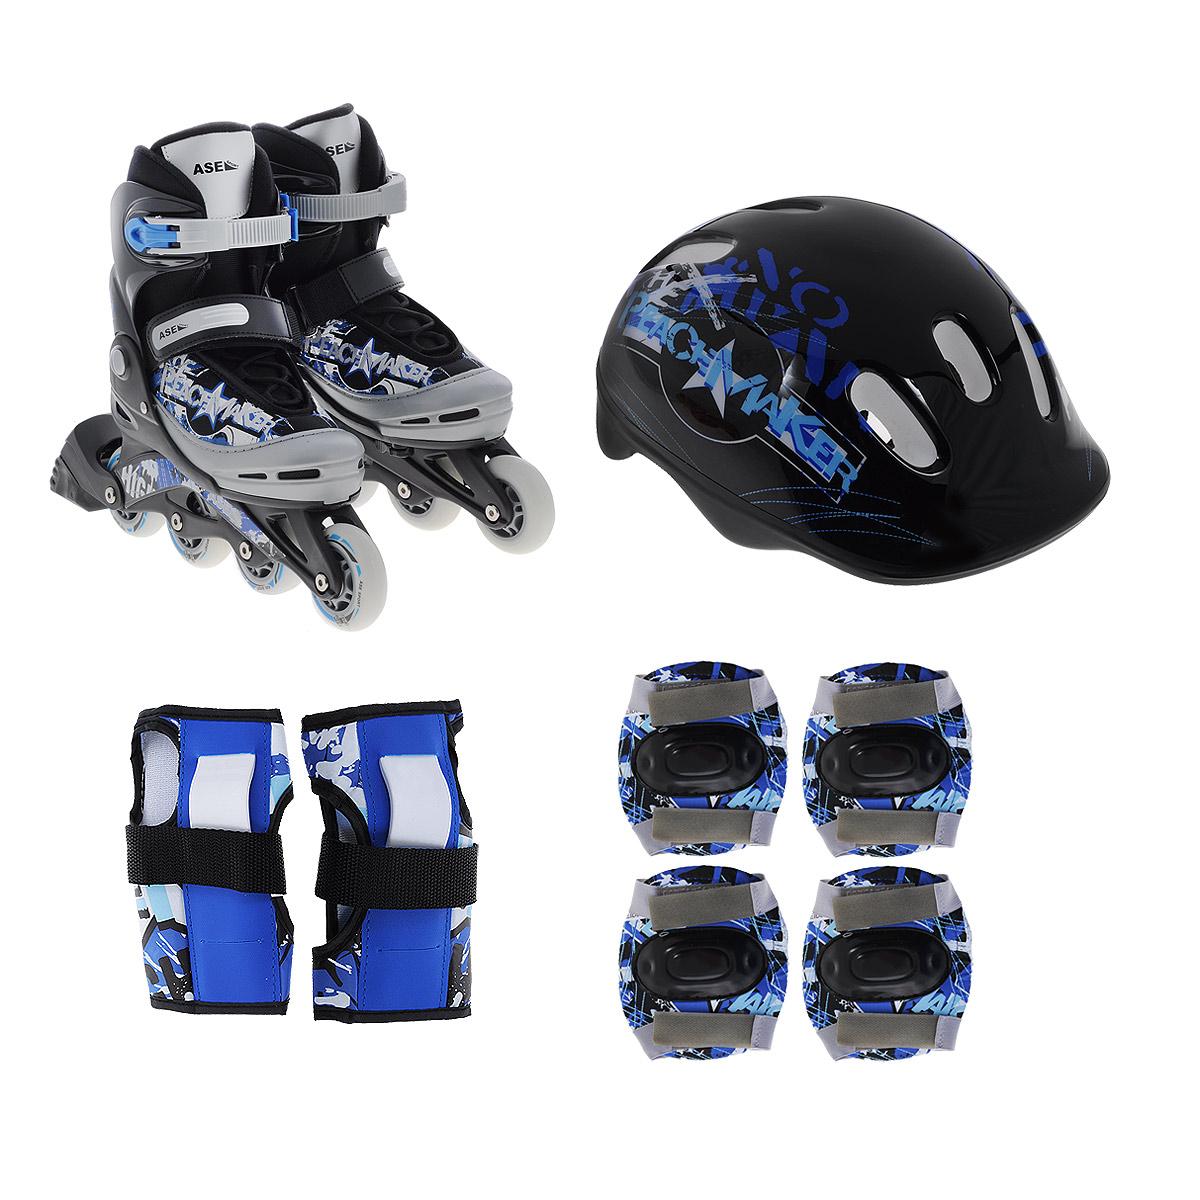 Комплект: коньки роликовые, шлем, защита. ASE-617M